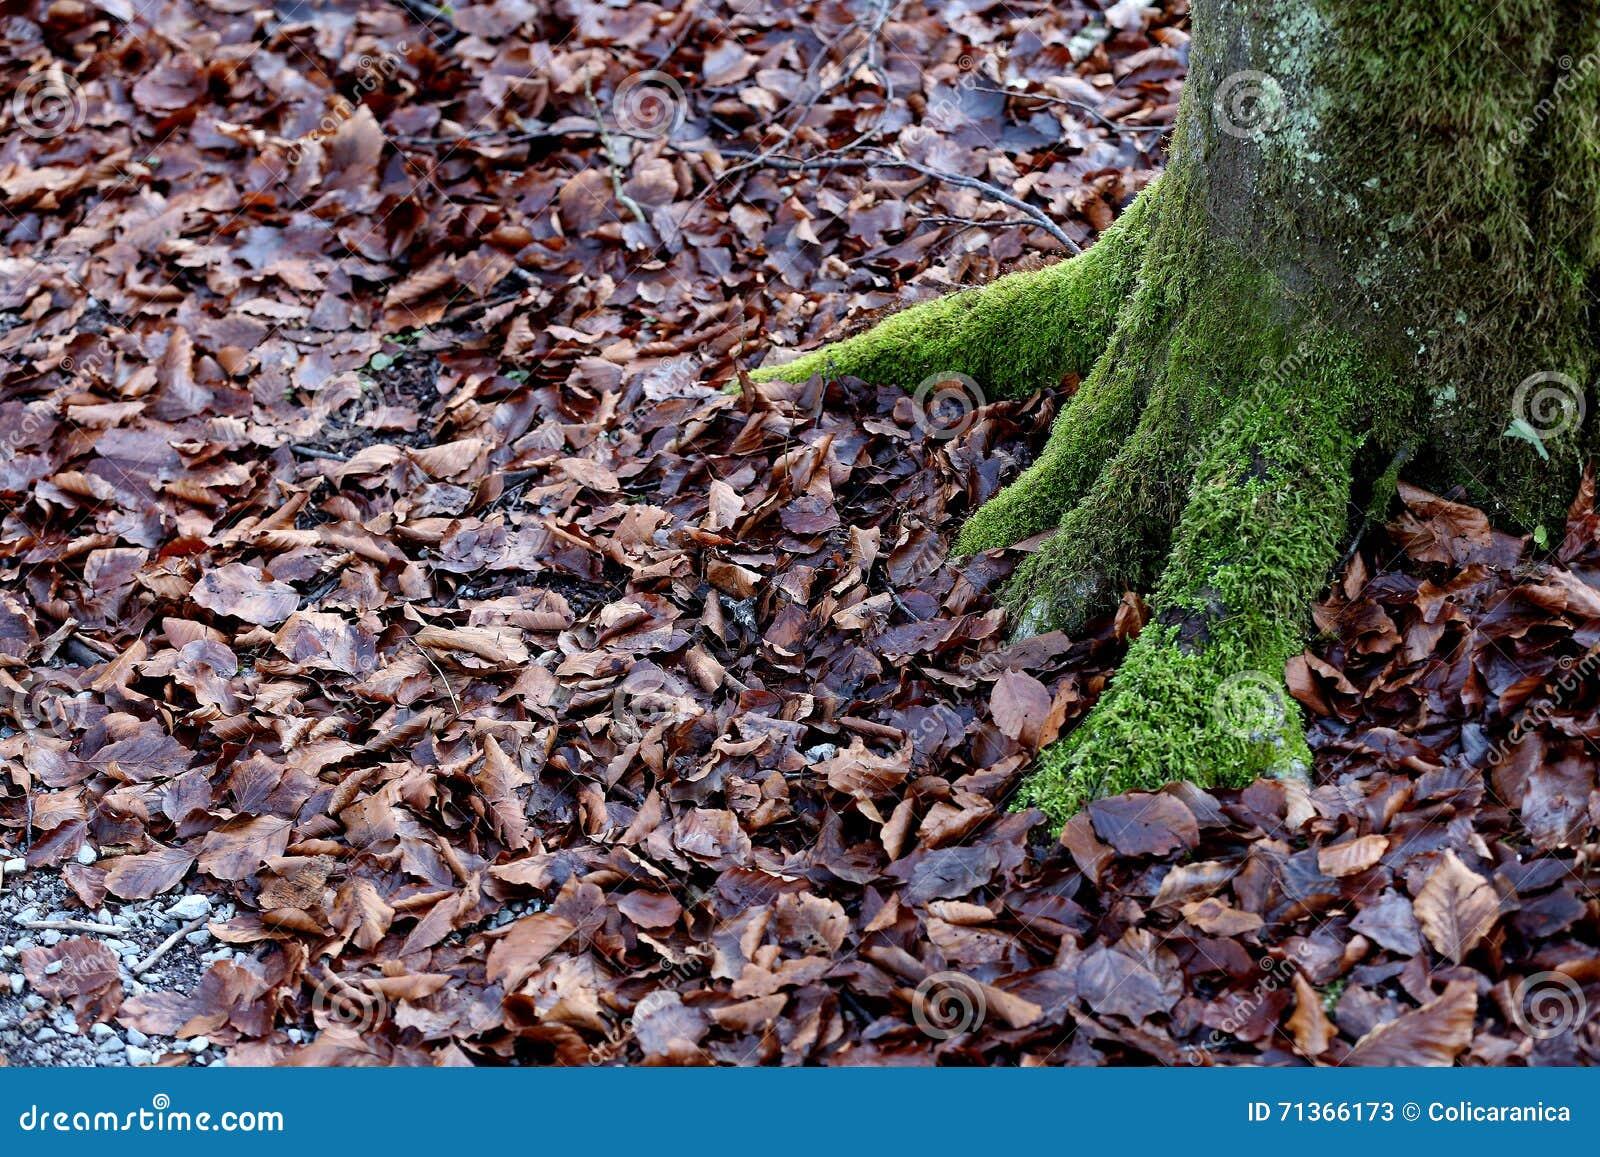 Mousse verte dans les bois photo stock image 71366173 - Mousse dans les urines ...